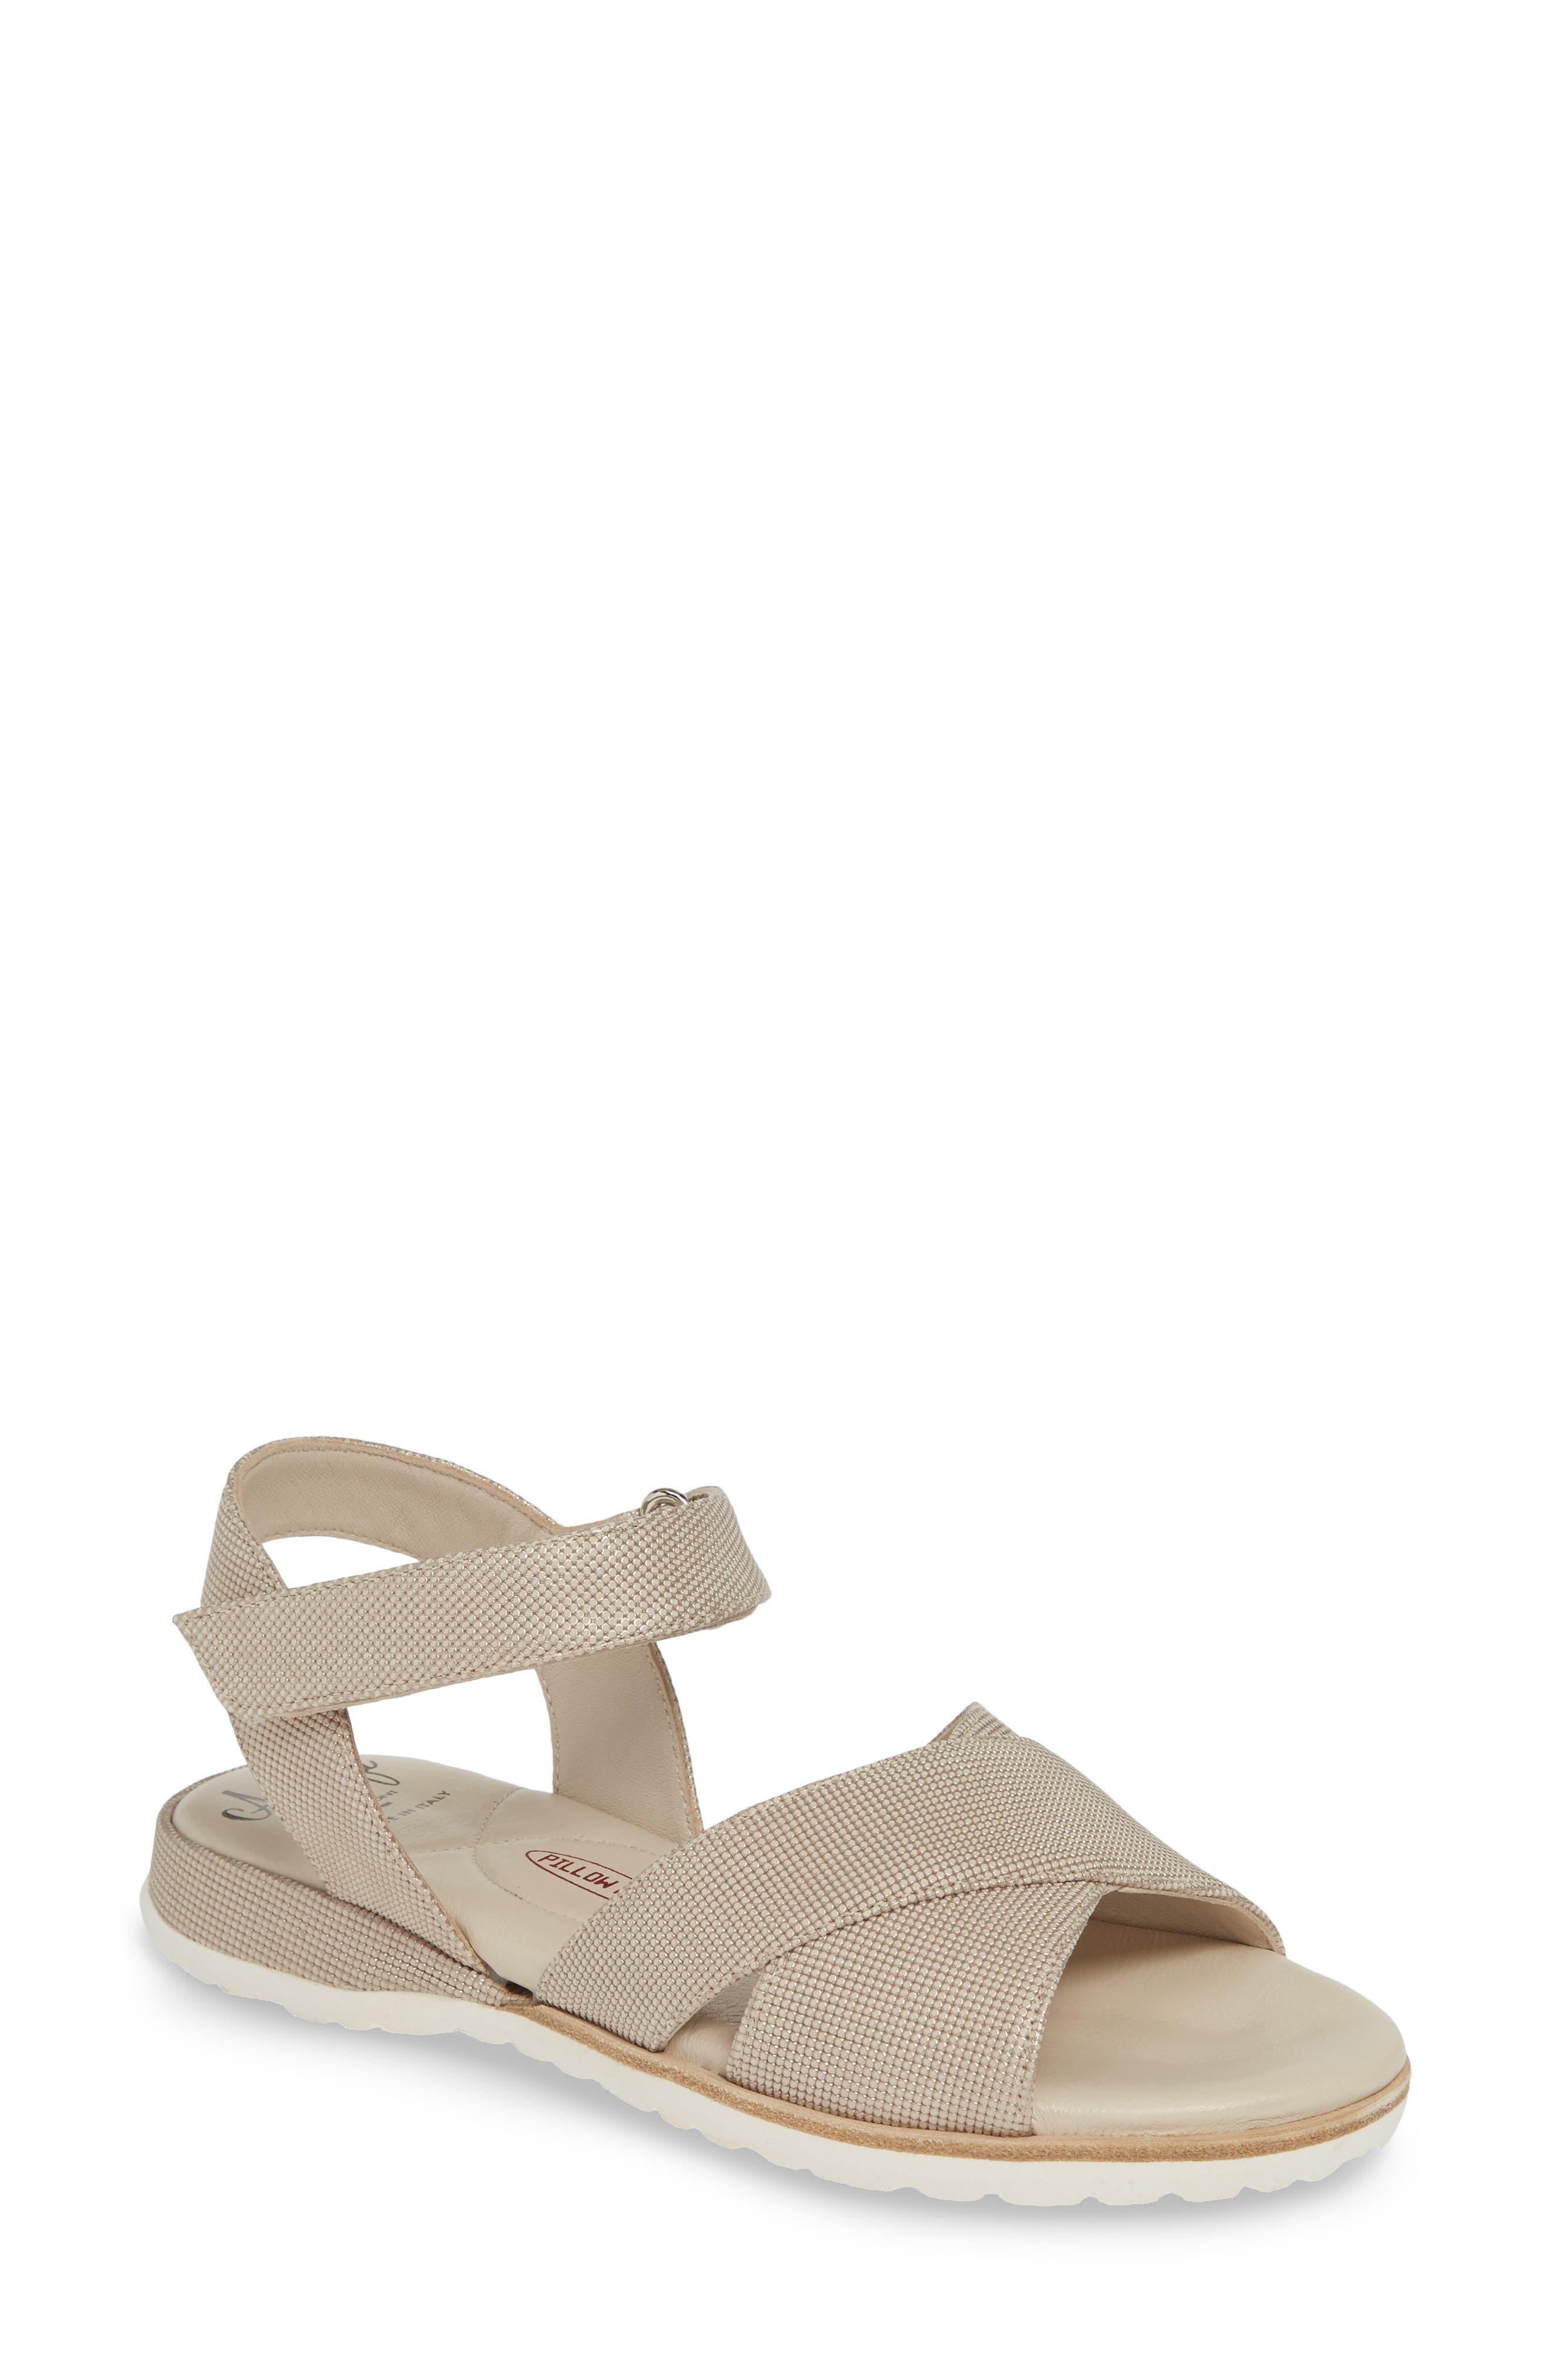 Bice Quarter Strap Sandal